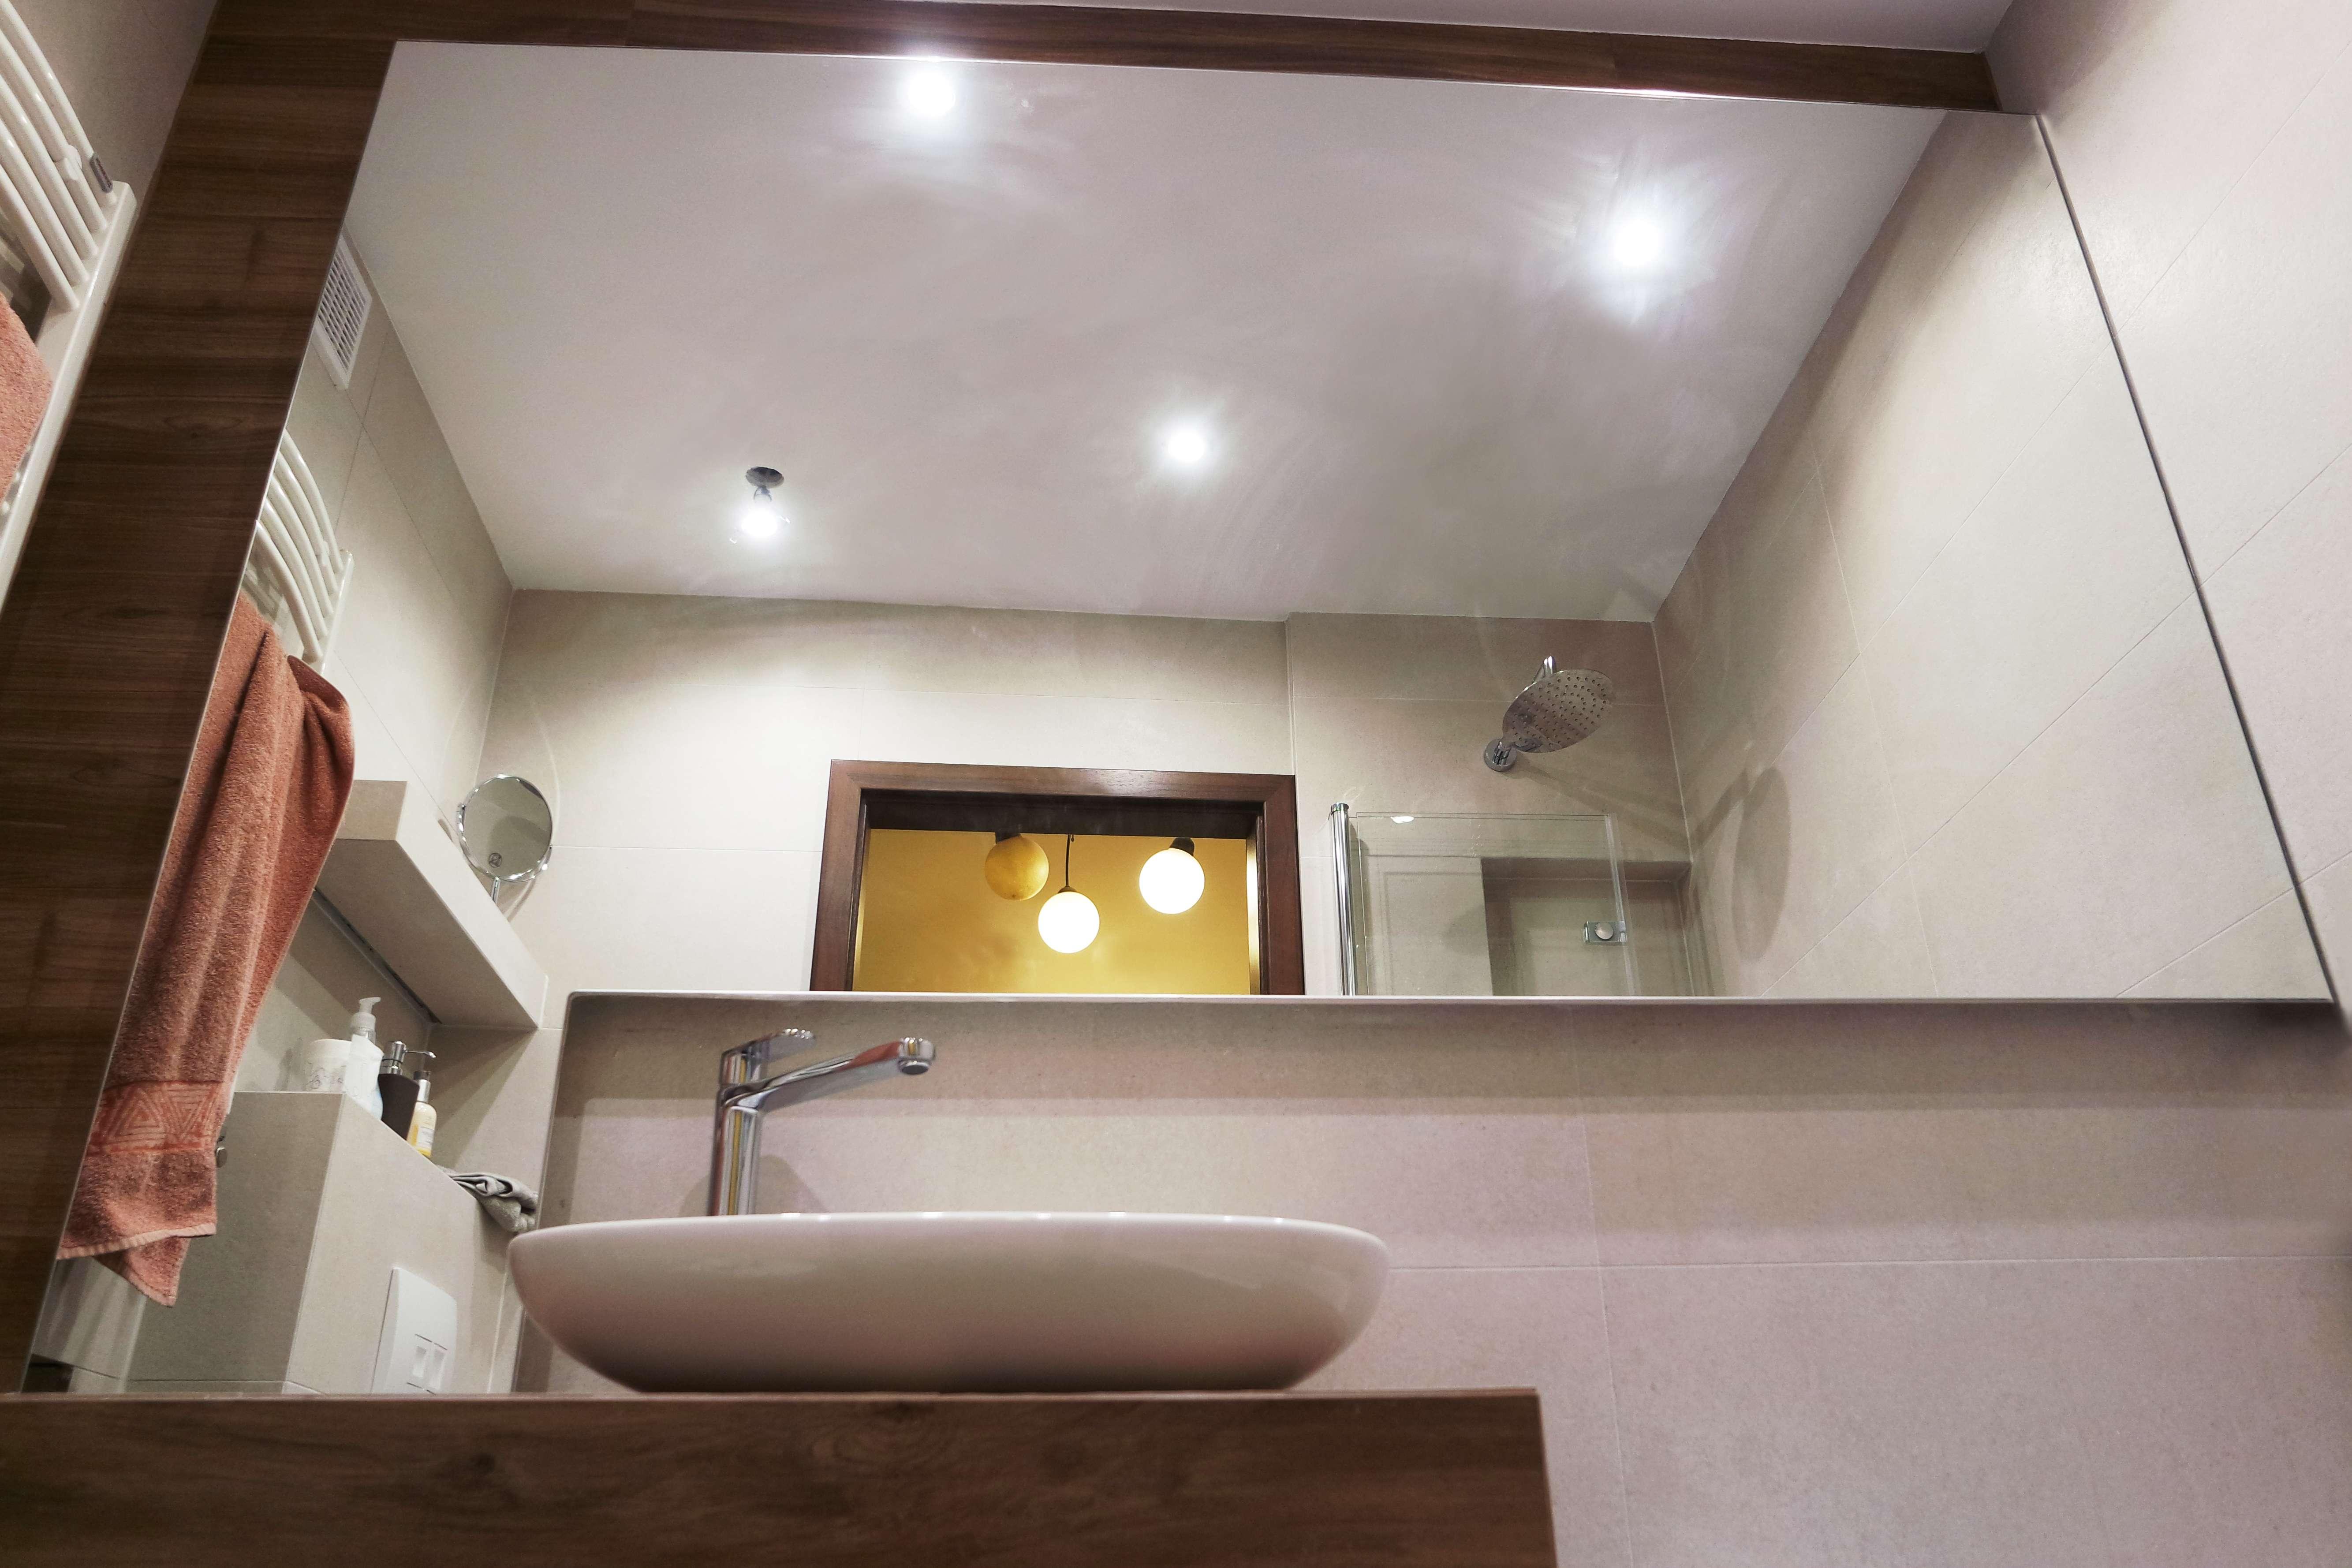 Lustro Lazienkowe Wyciecie Na Umywalke - Kolorowe szkło (Lacobel) w łazience